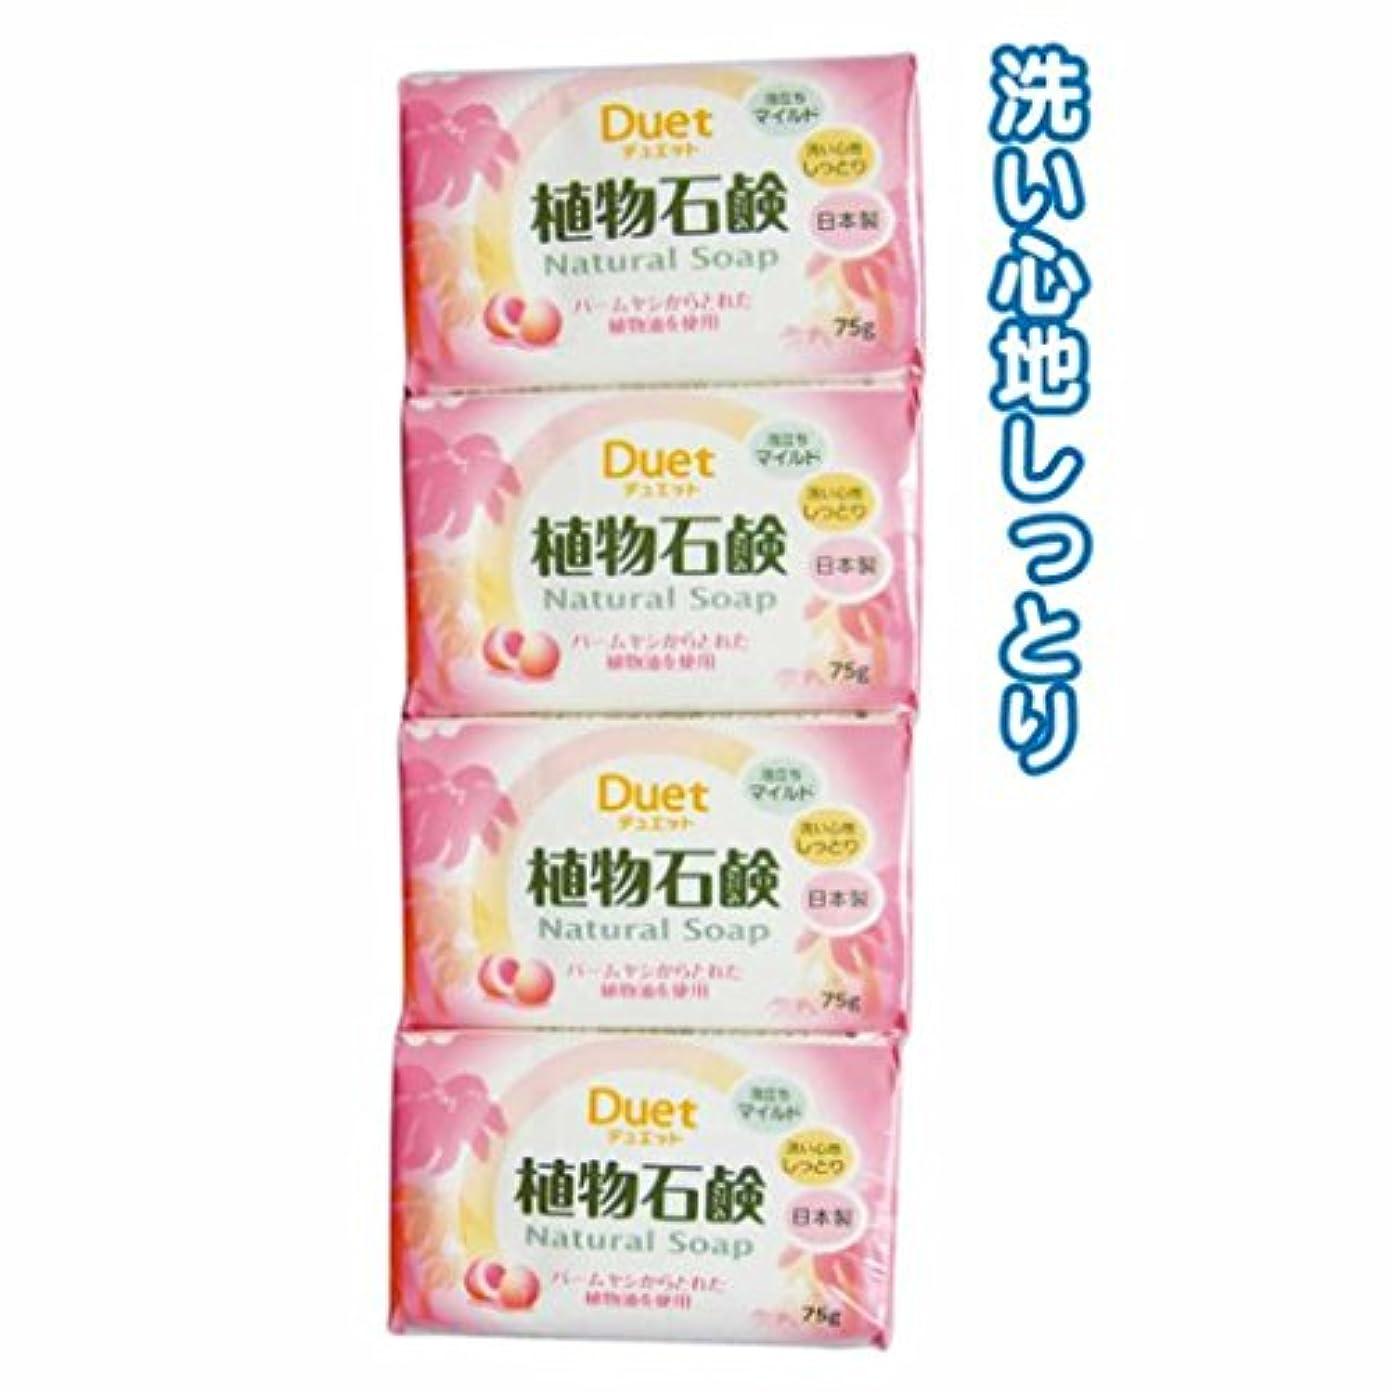 アカウント拍車敬意を表して日本製 Japan デュエット植物石鹸75g 【まとめ買い4個入り×240パック 合計960個セット】 46-202